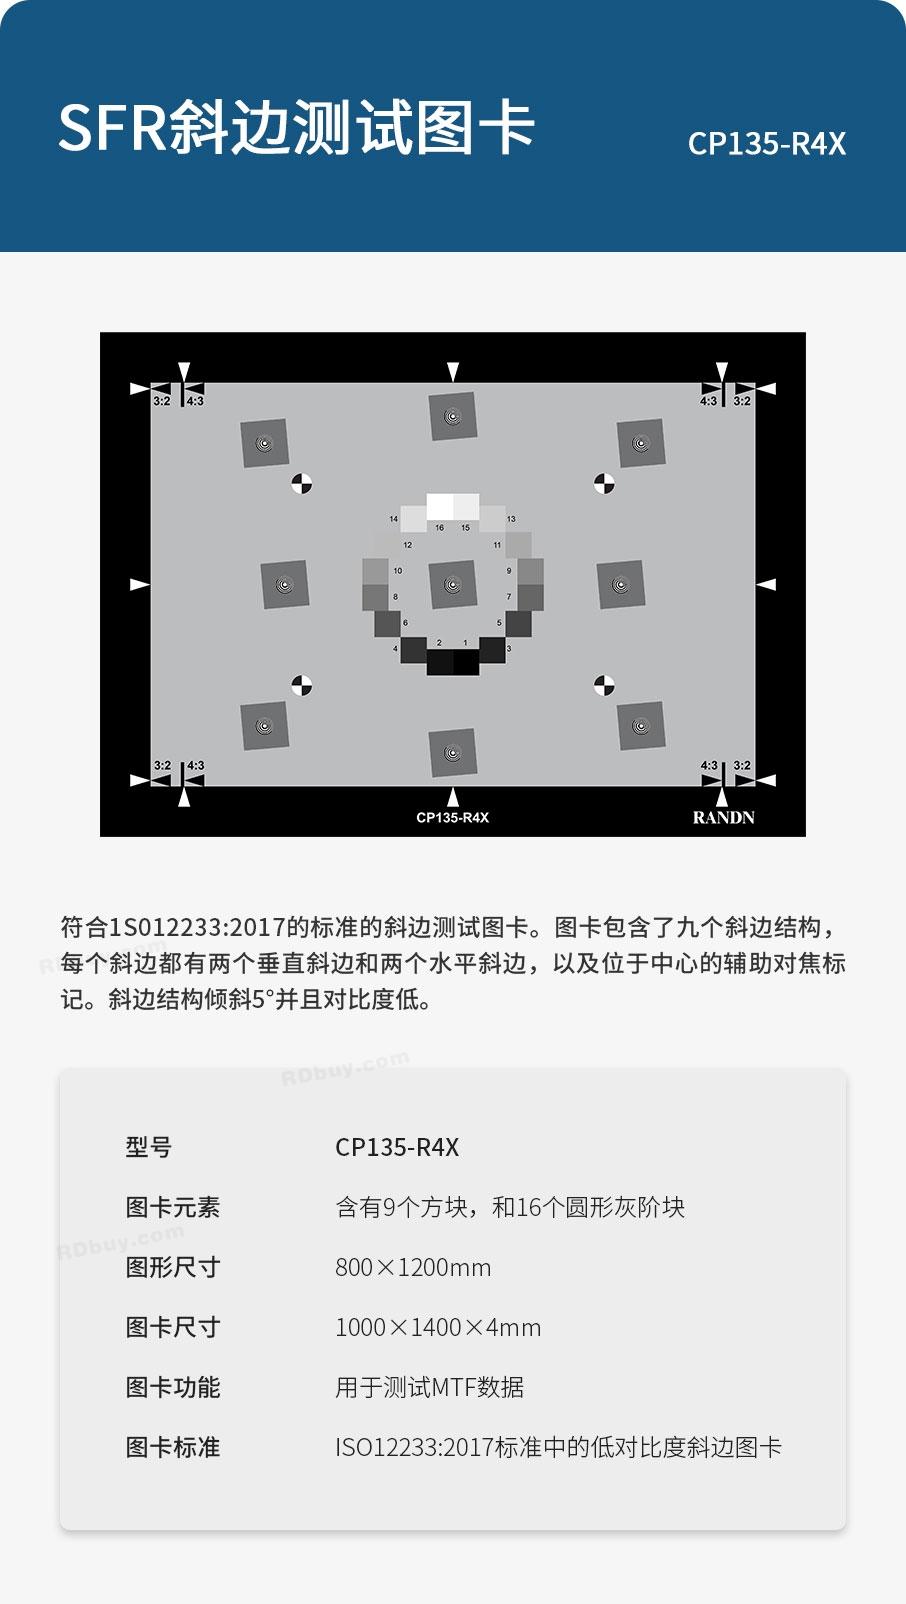 1619586940710258 (1).jpg